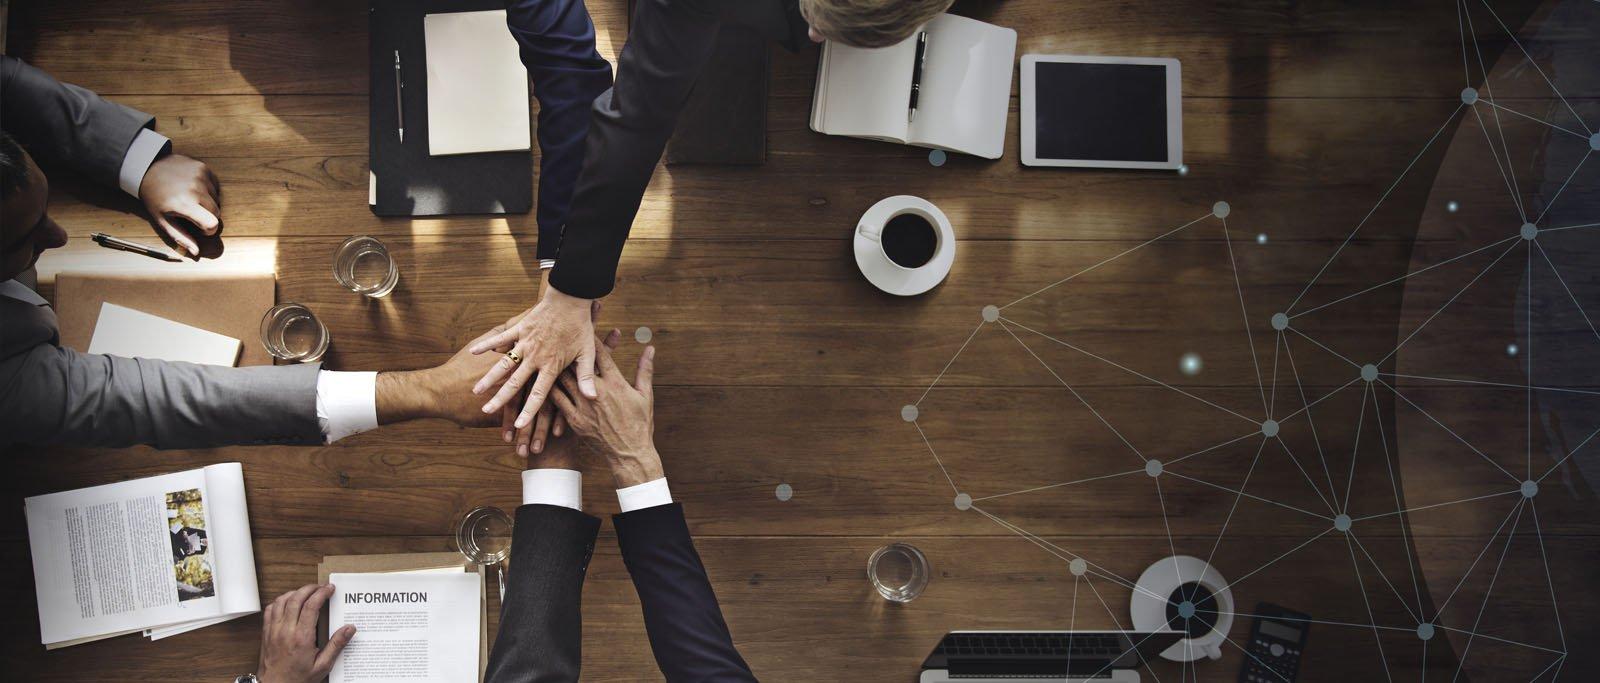 7 motivos para contar com uma empresa de prospecção de clientes